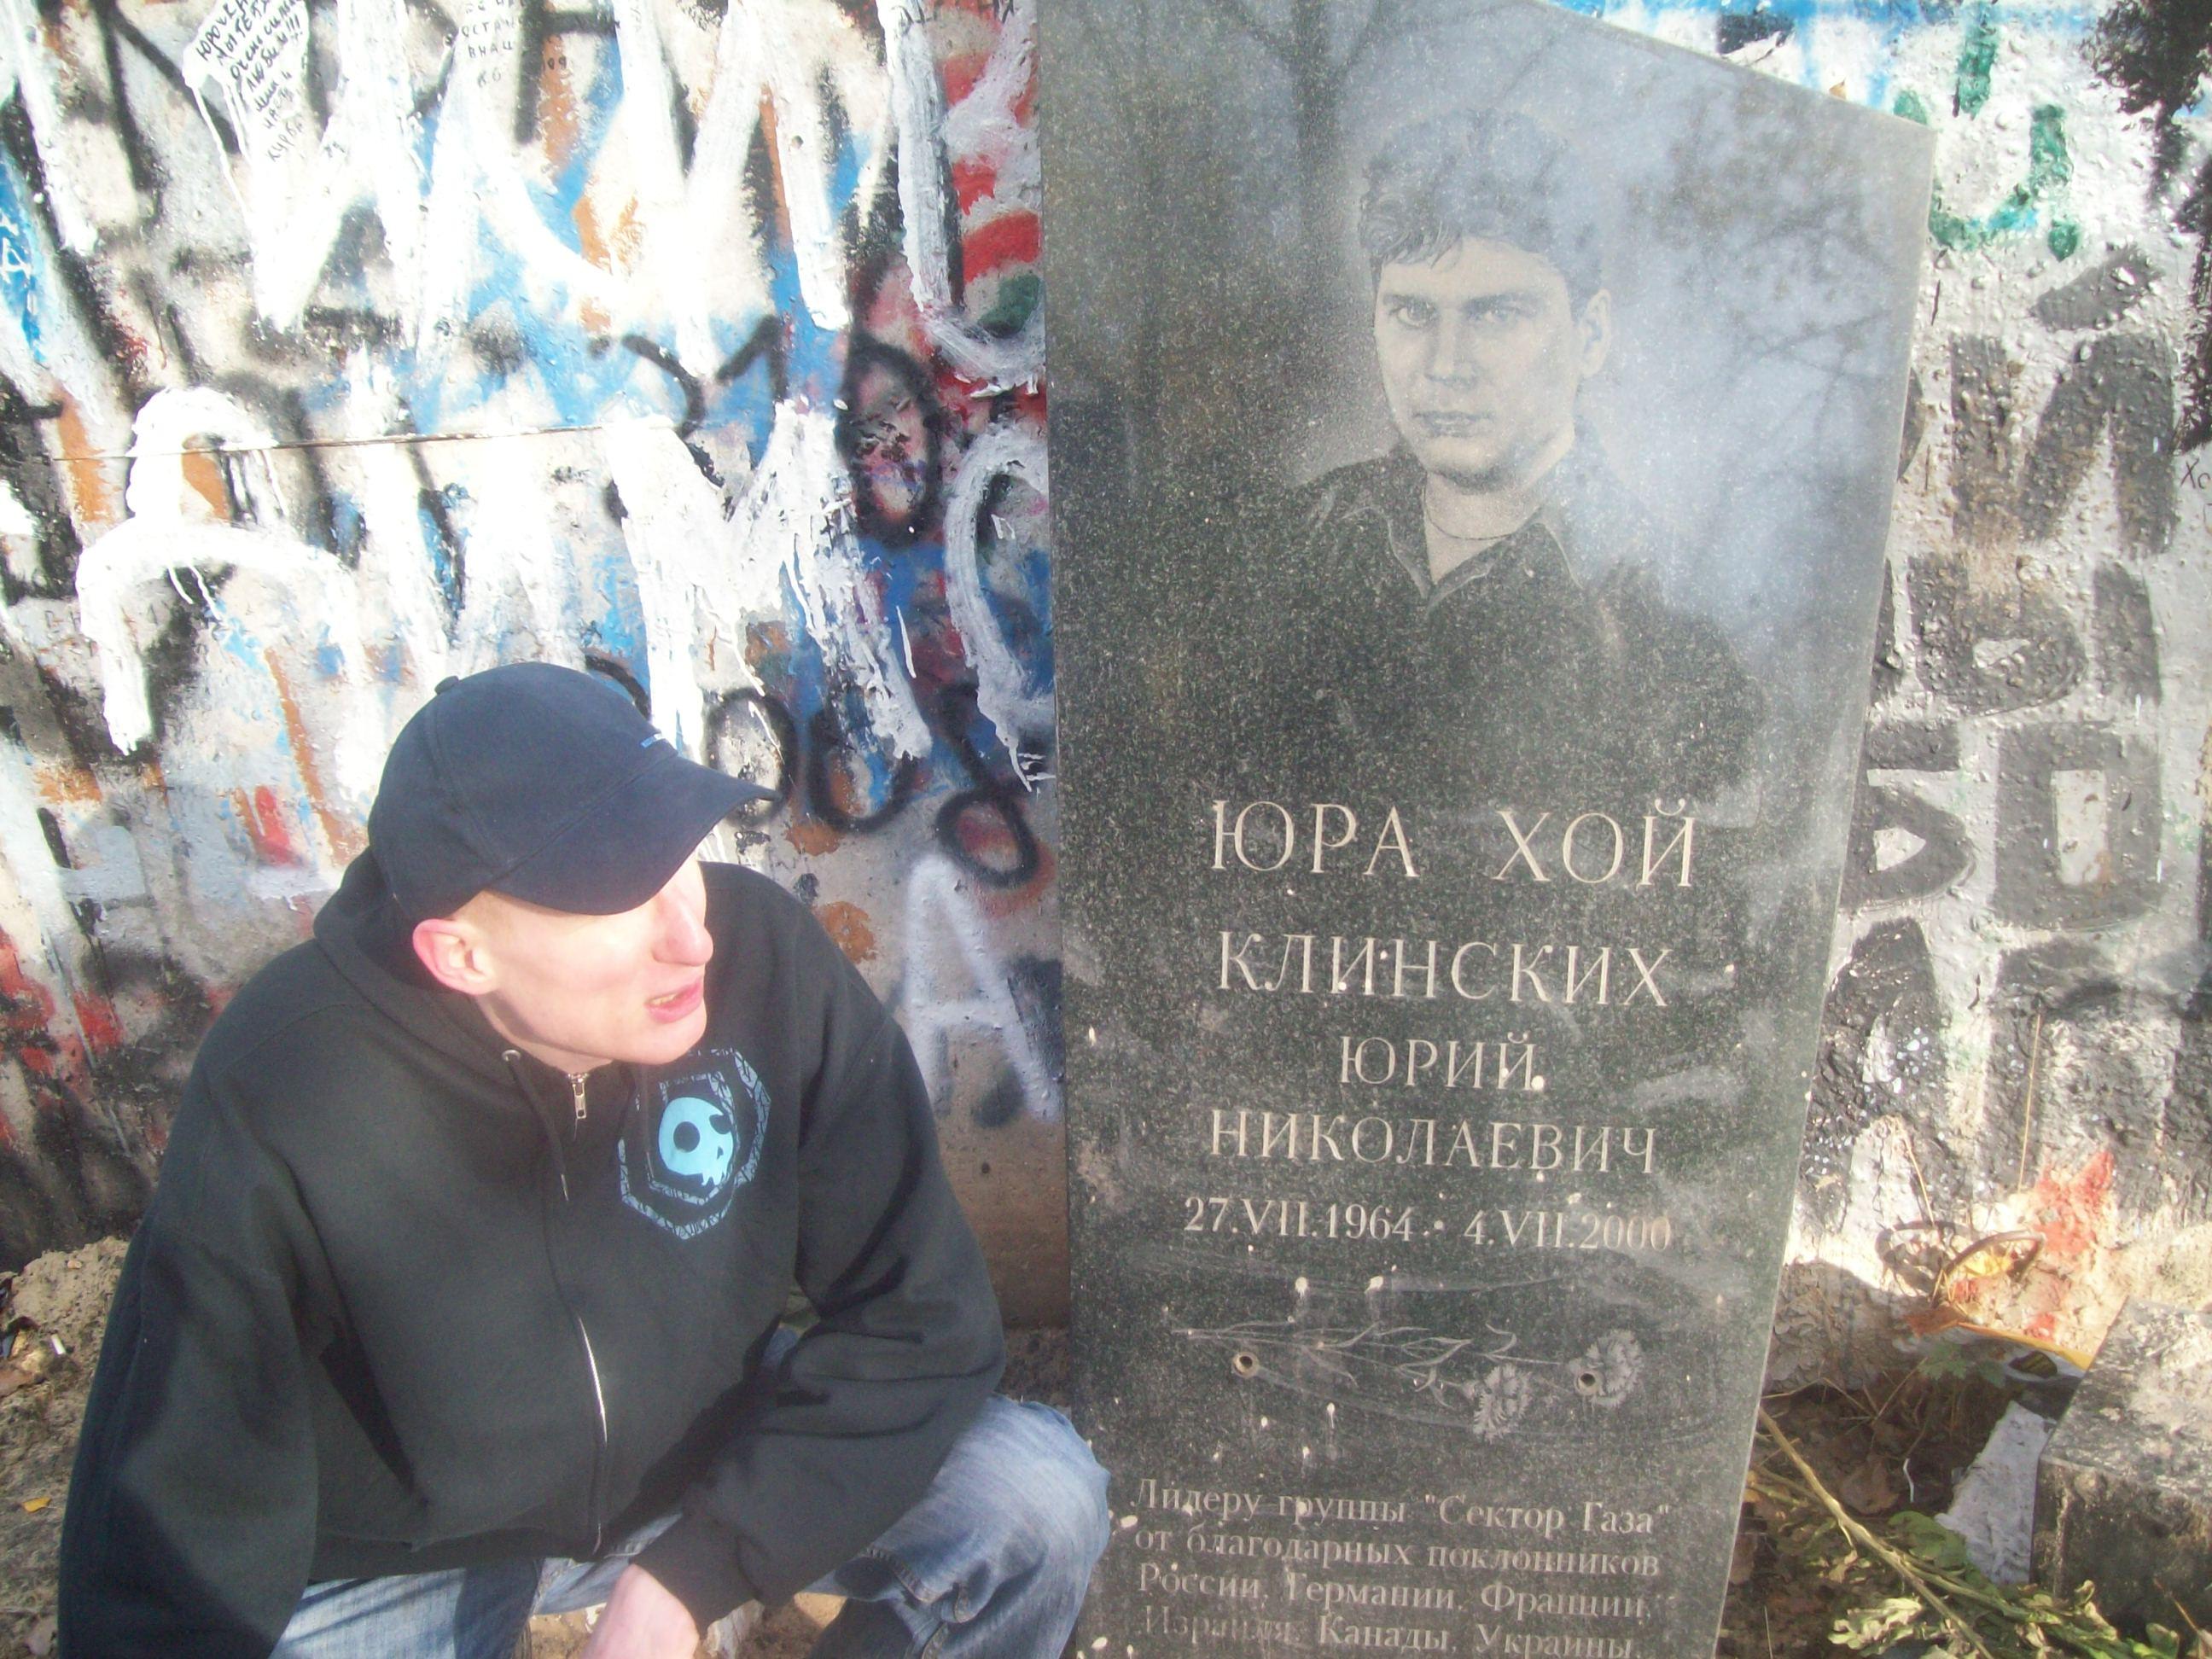 На кладбище у могилы Хоя (Сектор Газа) - третяя фотография